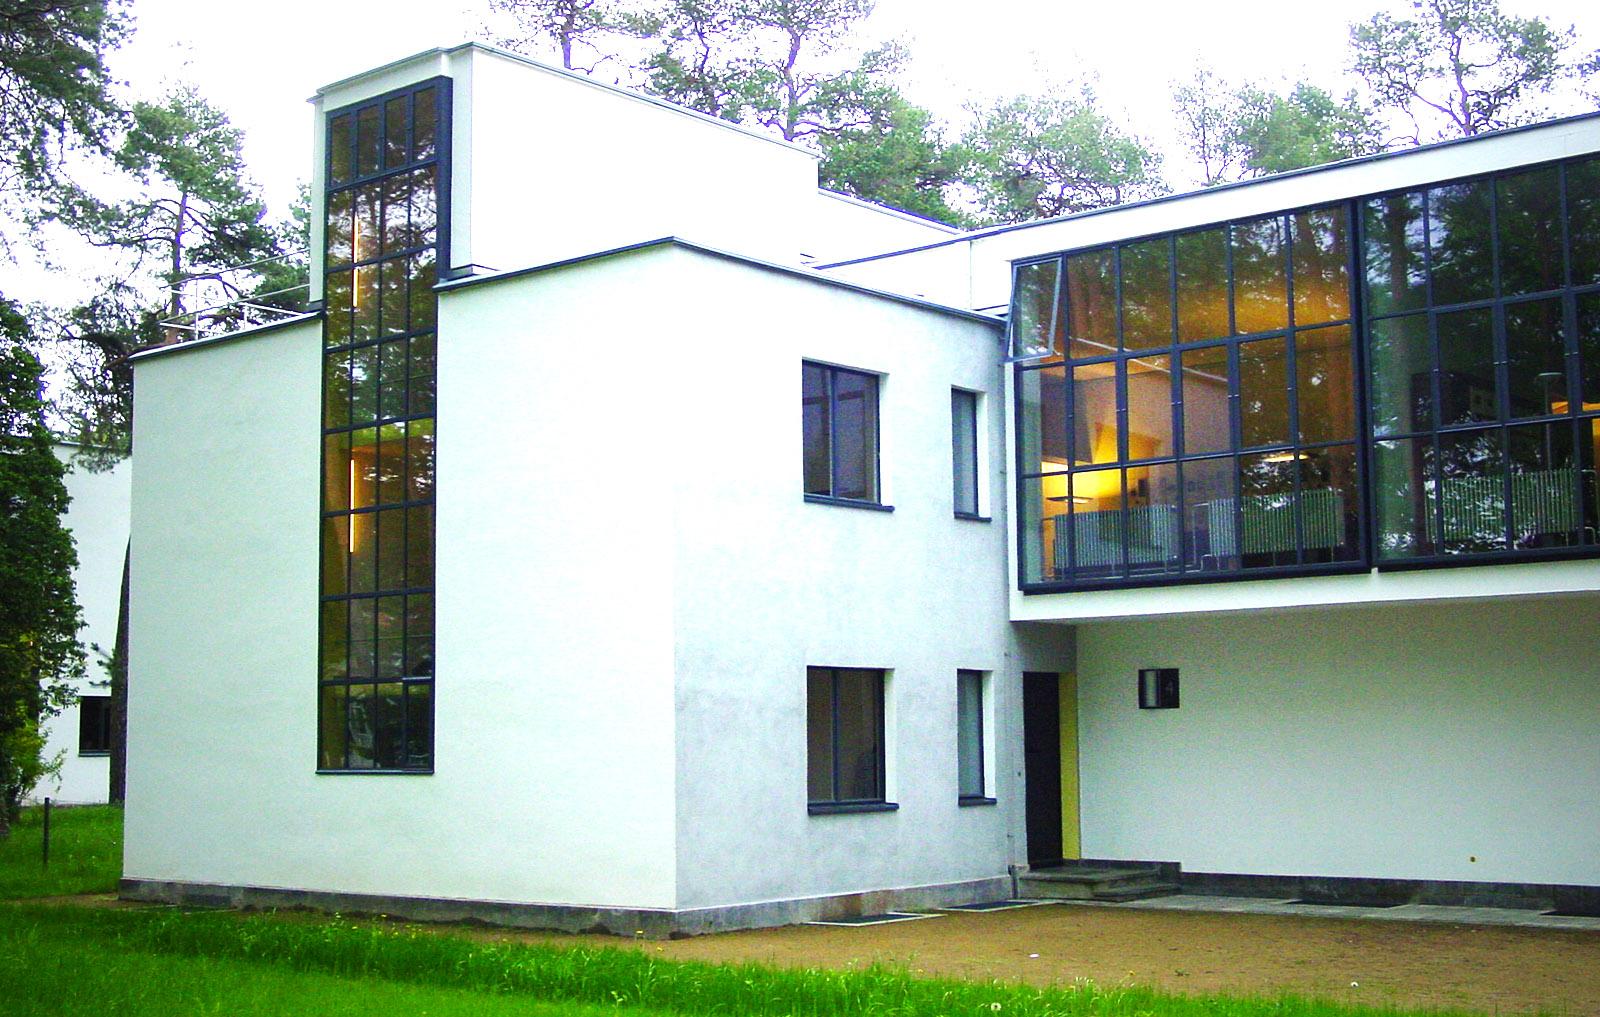 Blaues Band, Dessau. Die Meisterhäuser in der Ebertallee, hier: Haus Mucha/Schlemmer. Foto: Hilke Maunder